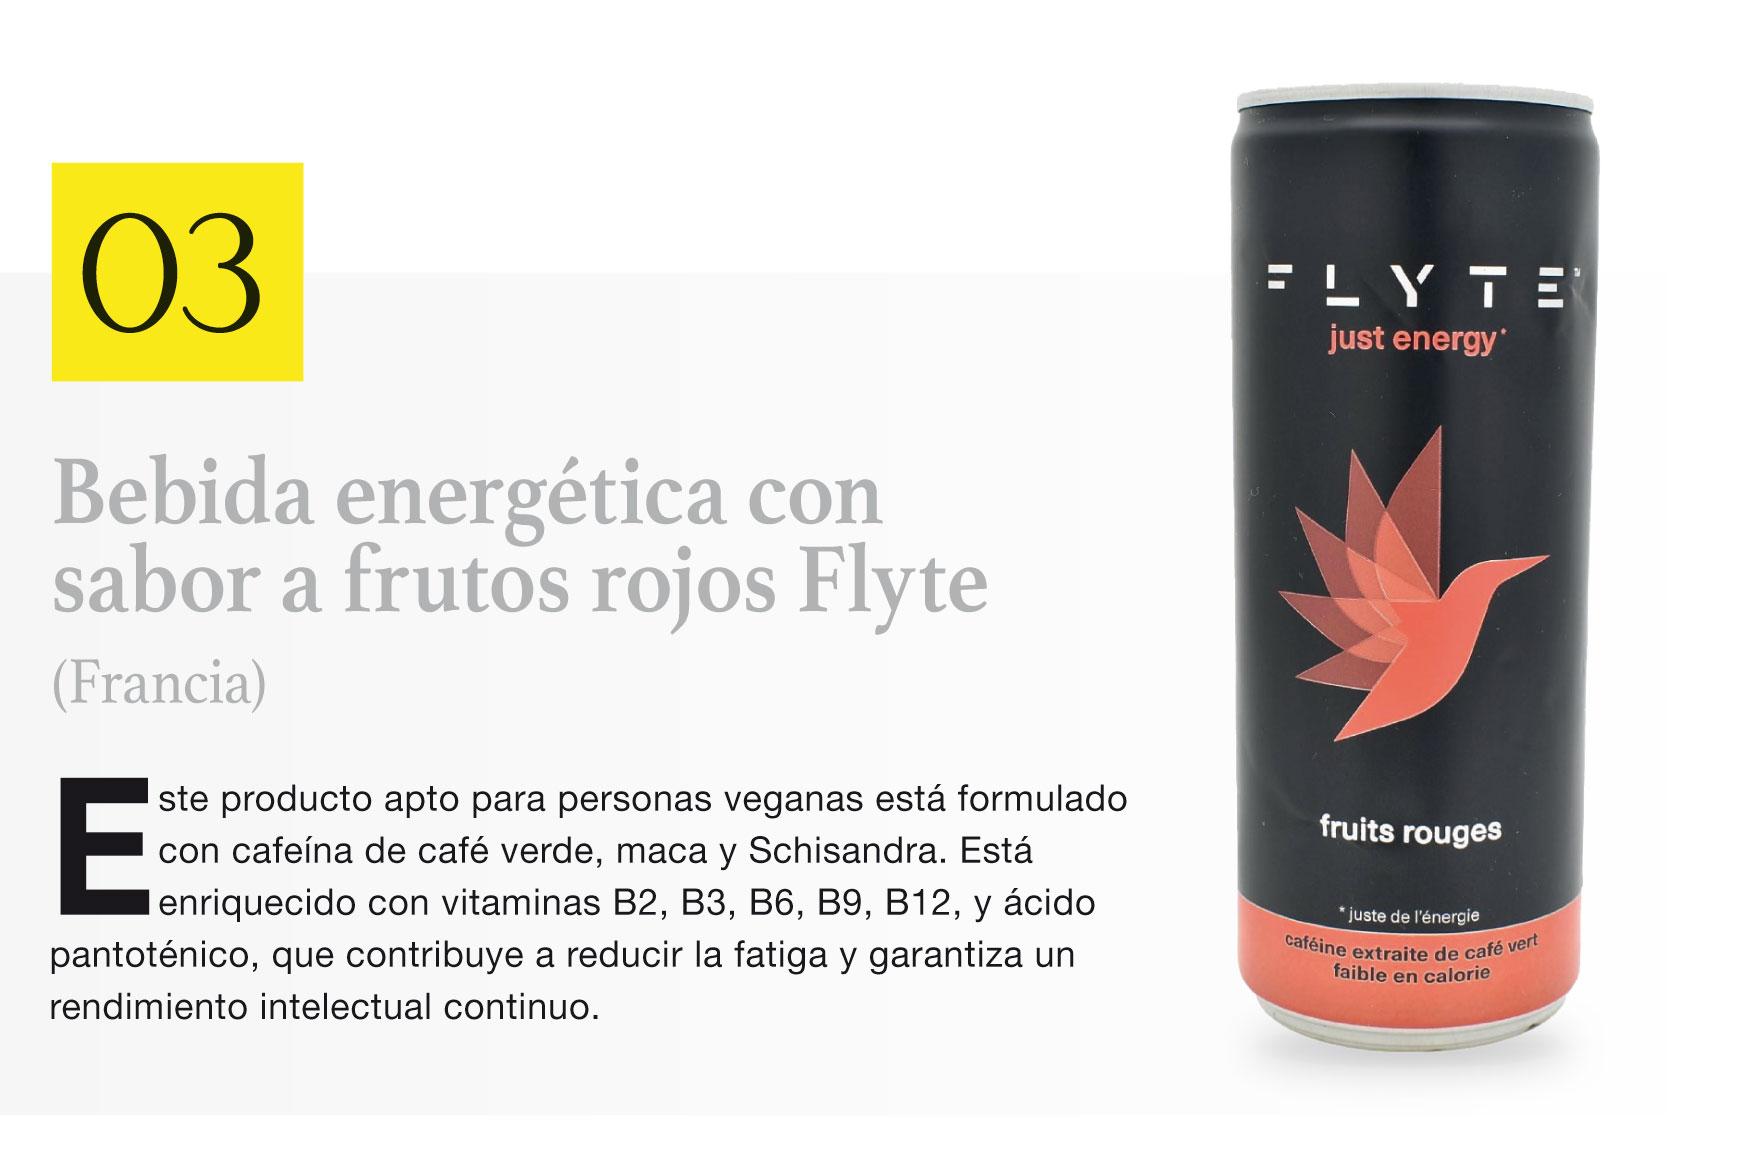 Bebida energética con sabor a frutos rojos Flyte (Francia)